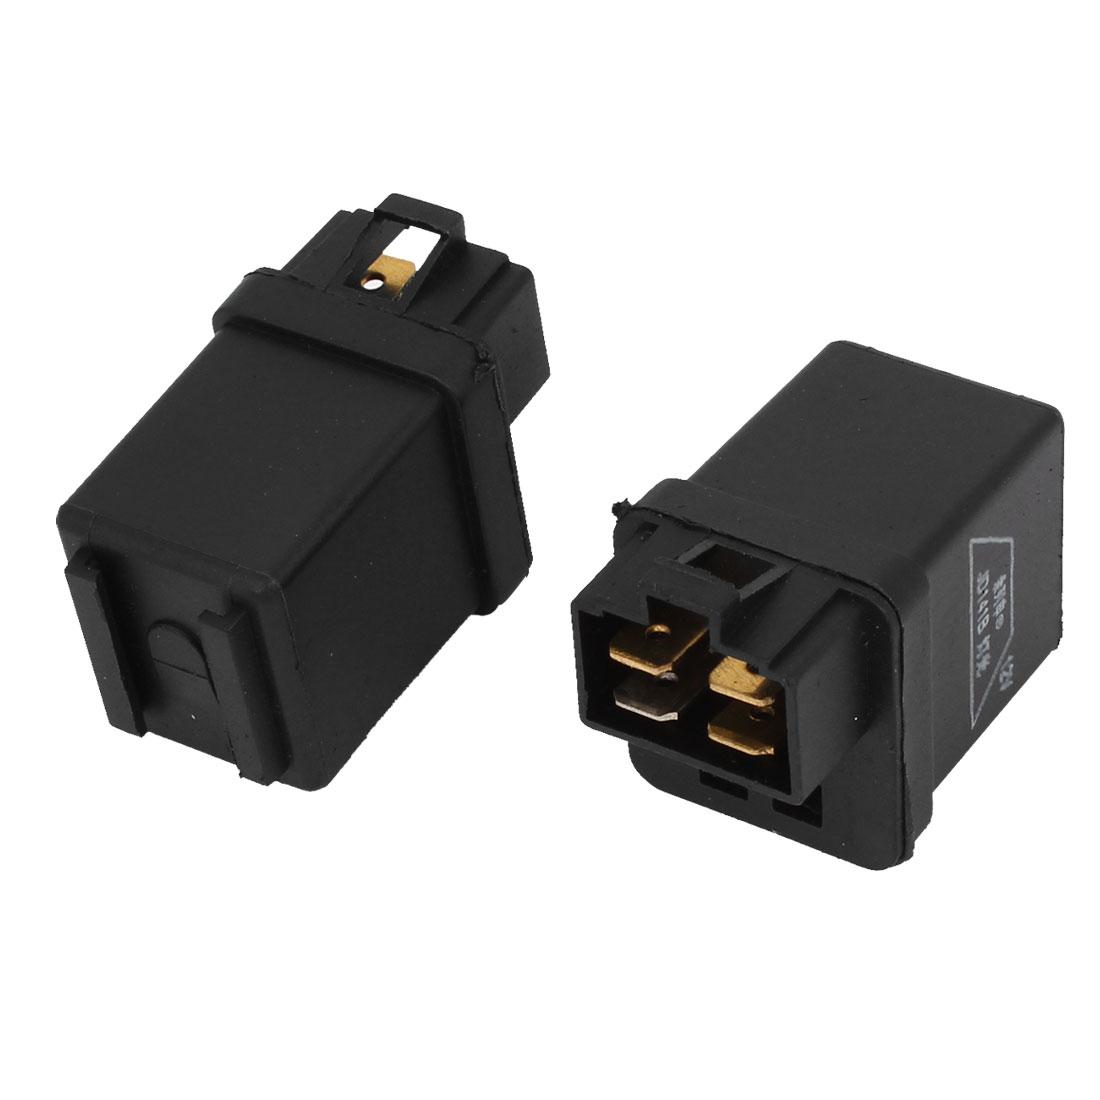 2 Pcs Black Plastic 4 Pins SPDT NO Relay DC 12V for Auto Car